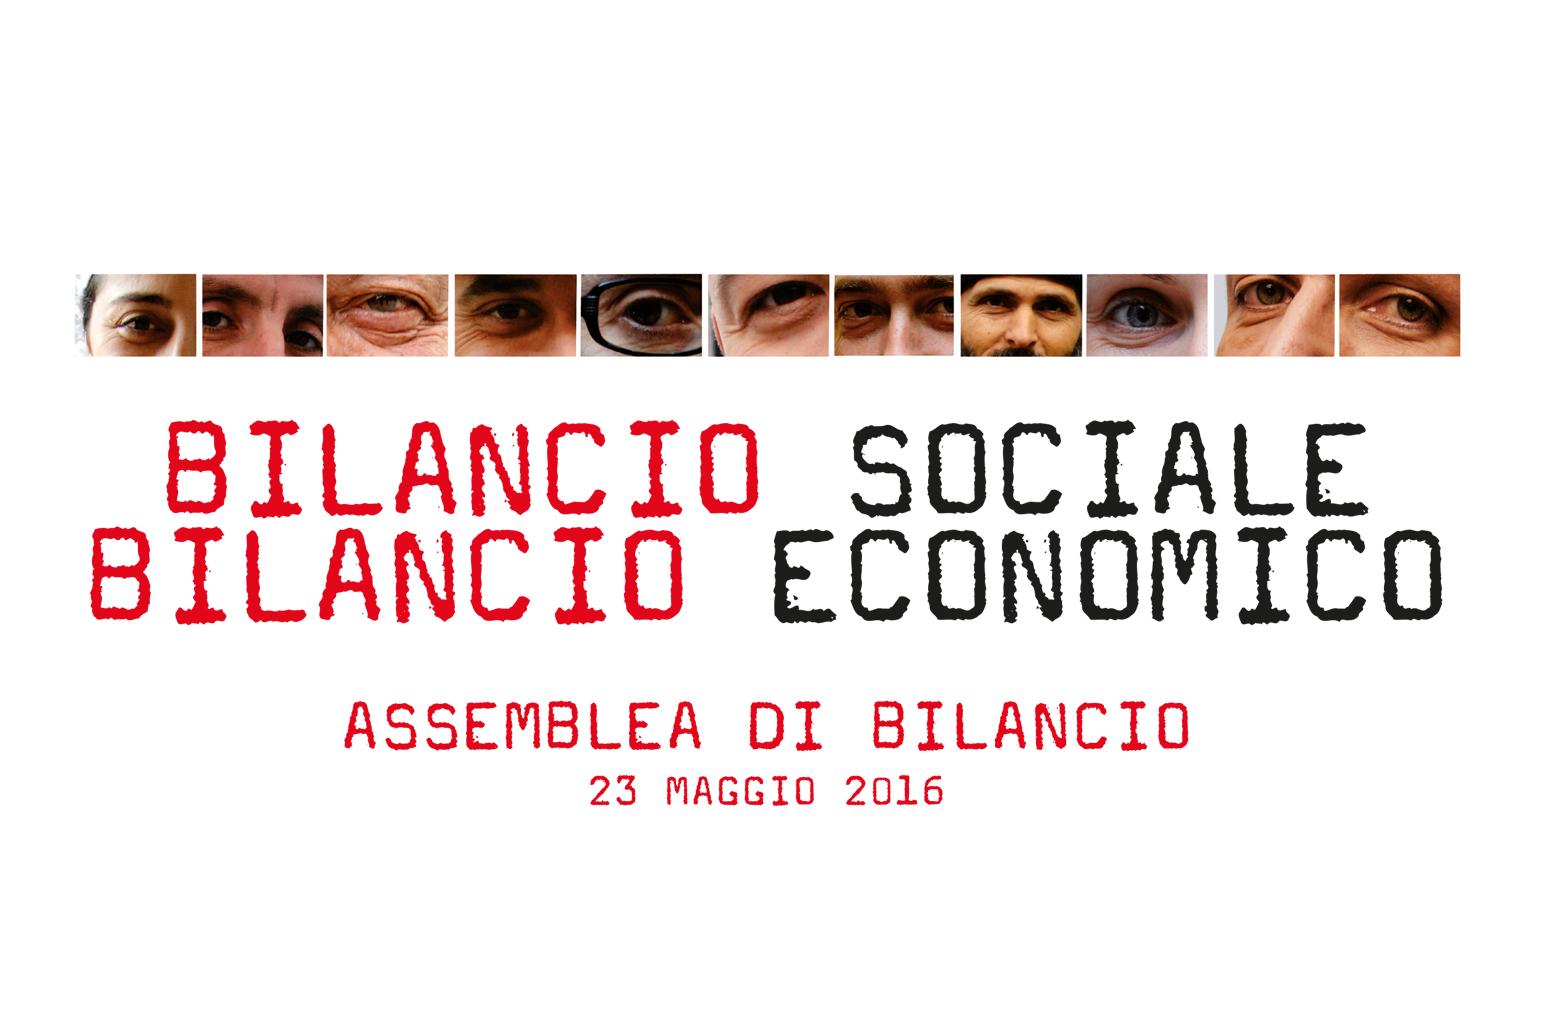 Assemblea di Bilancio 2015